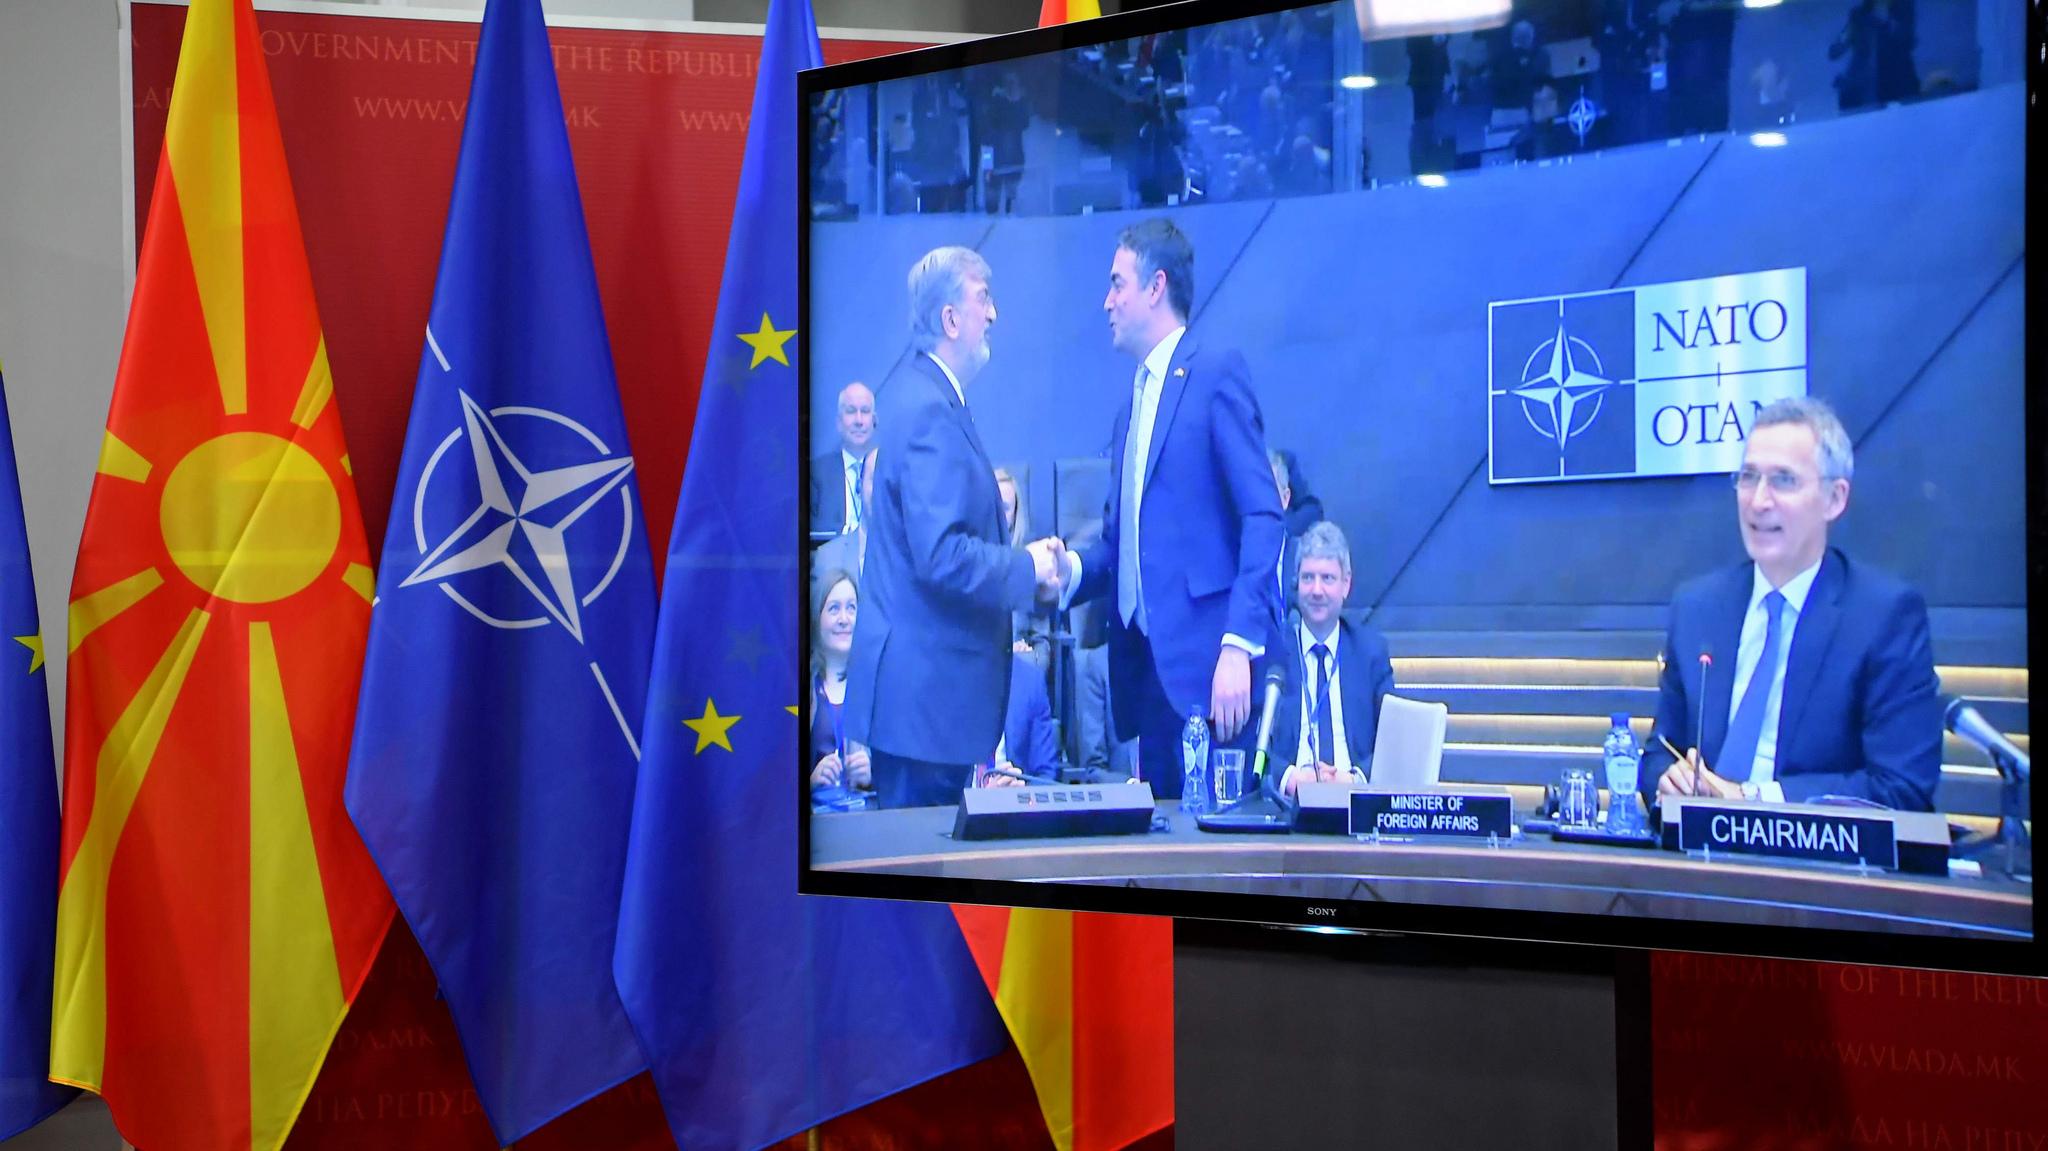 Οι προσδοκίες των Σκοπίων μετά την υπογραφή του Πρωτοκόλλου Προσχώρησης στο ΝΑΤΟ